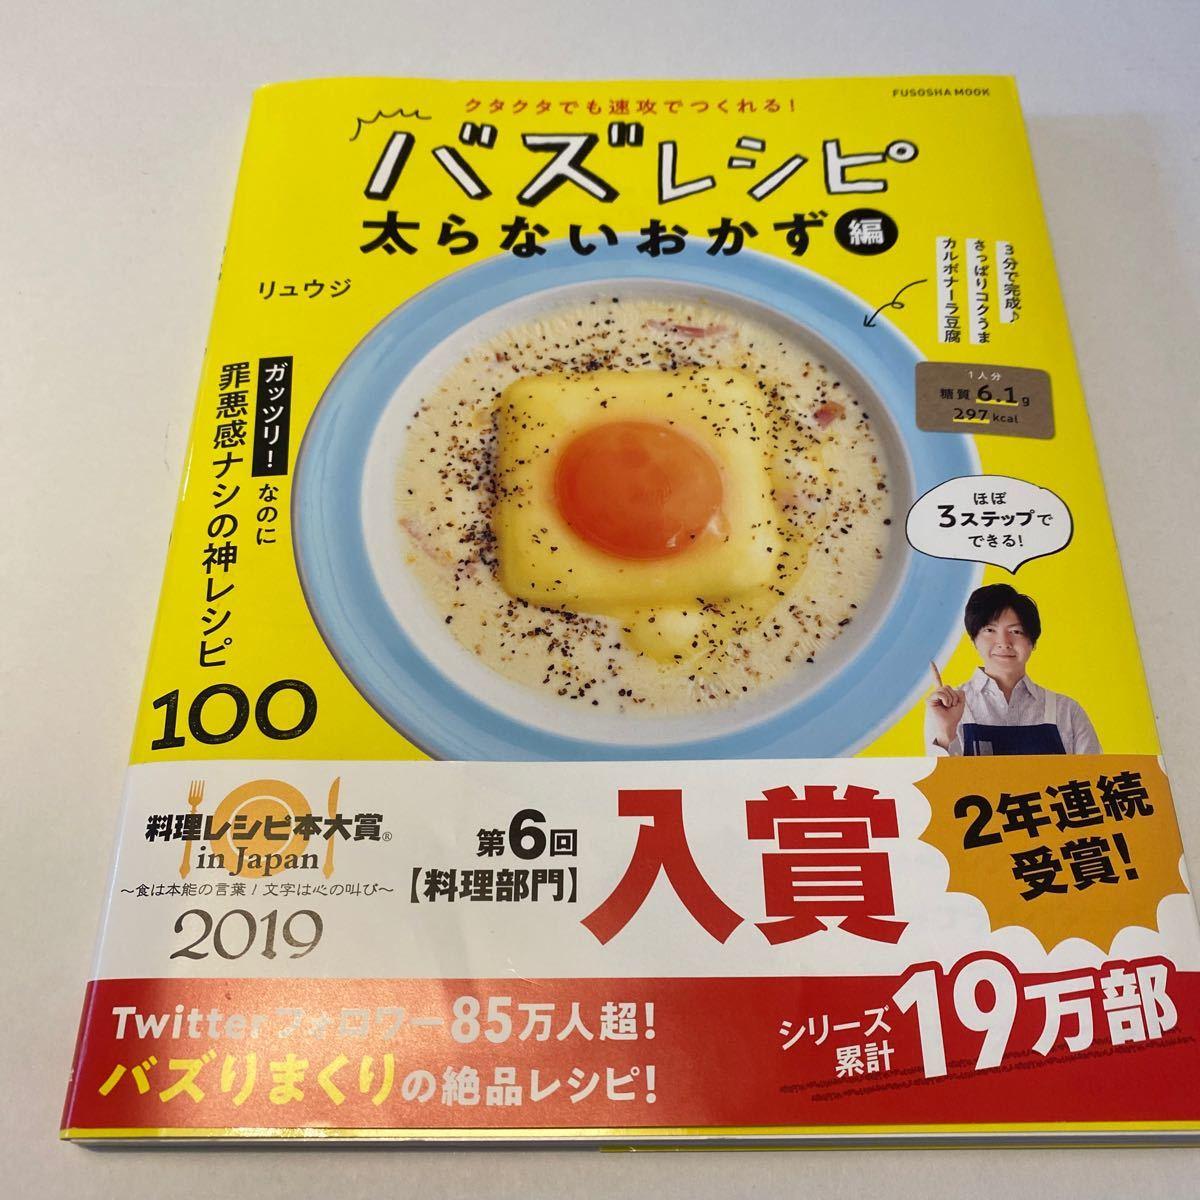 バズレシピ太らないおかず編クタクタでも速攻でつくれる!(FUSOSHAMOOK)